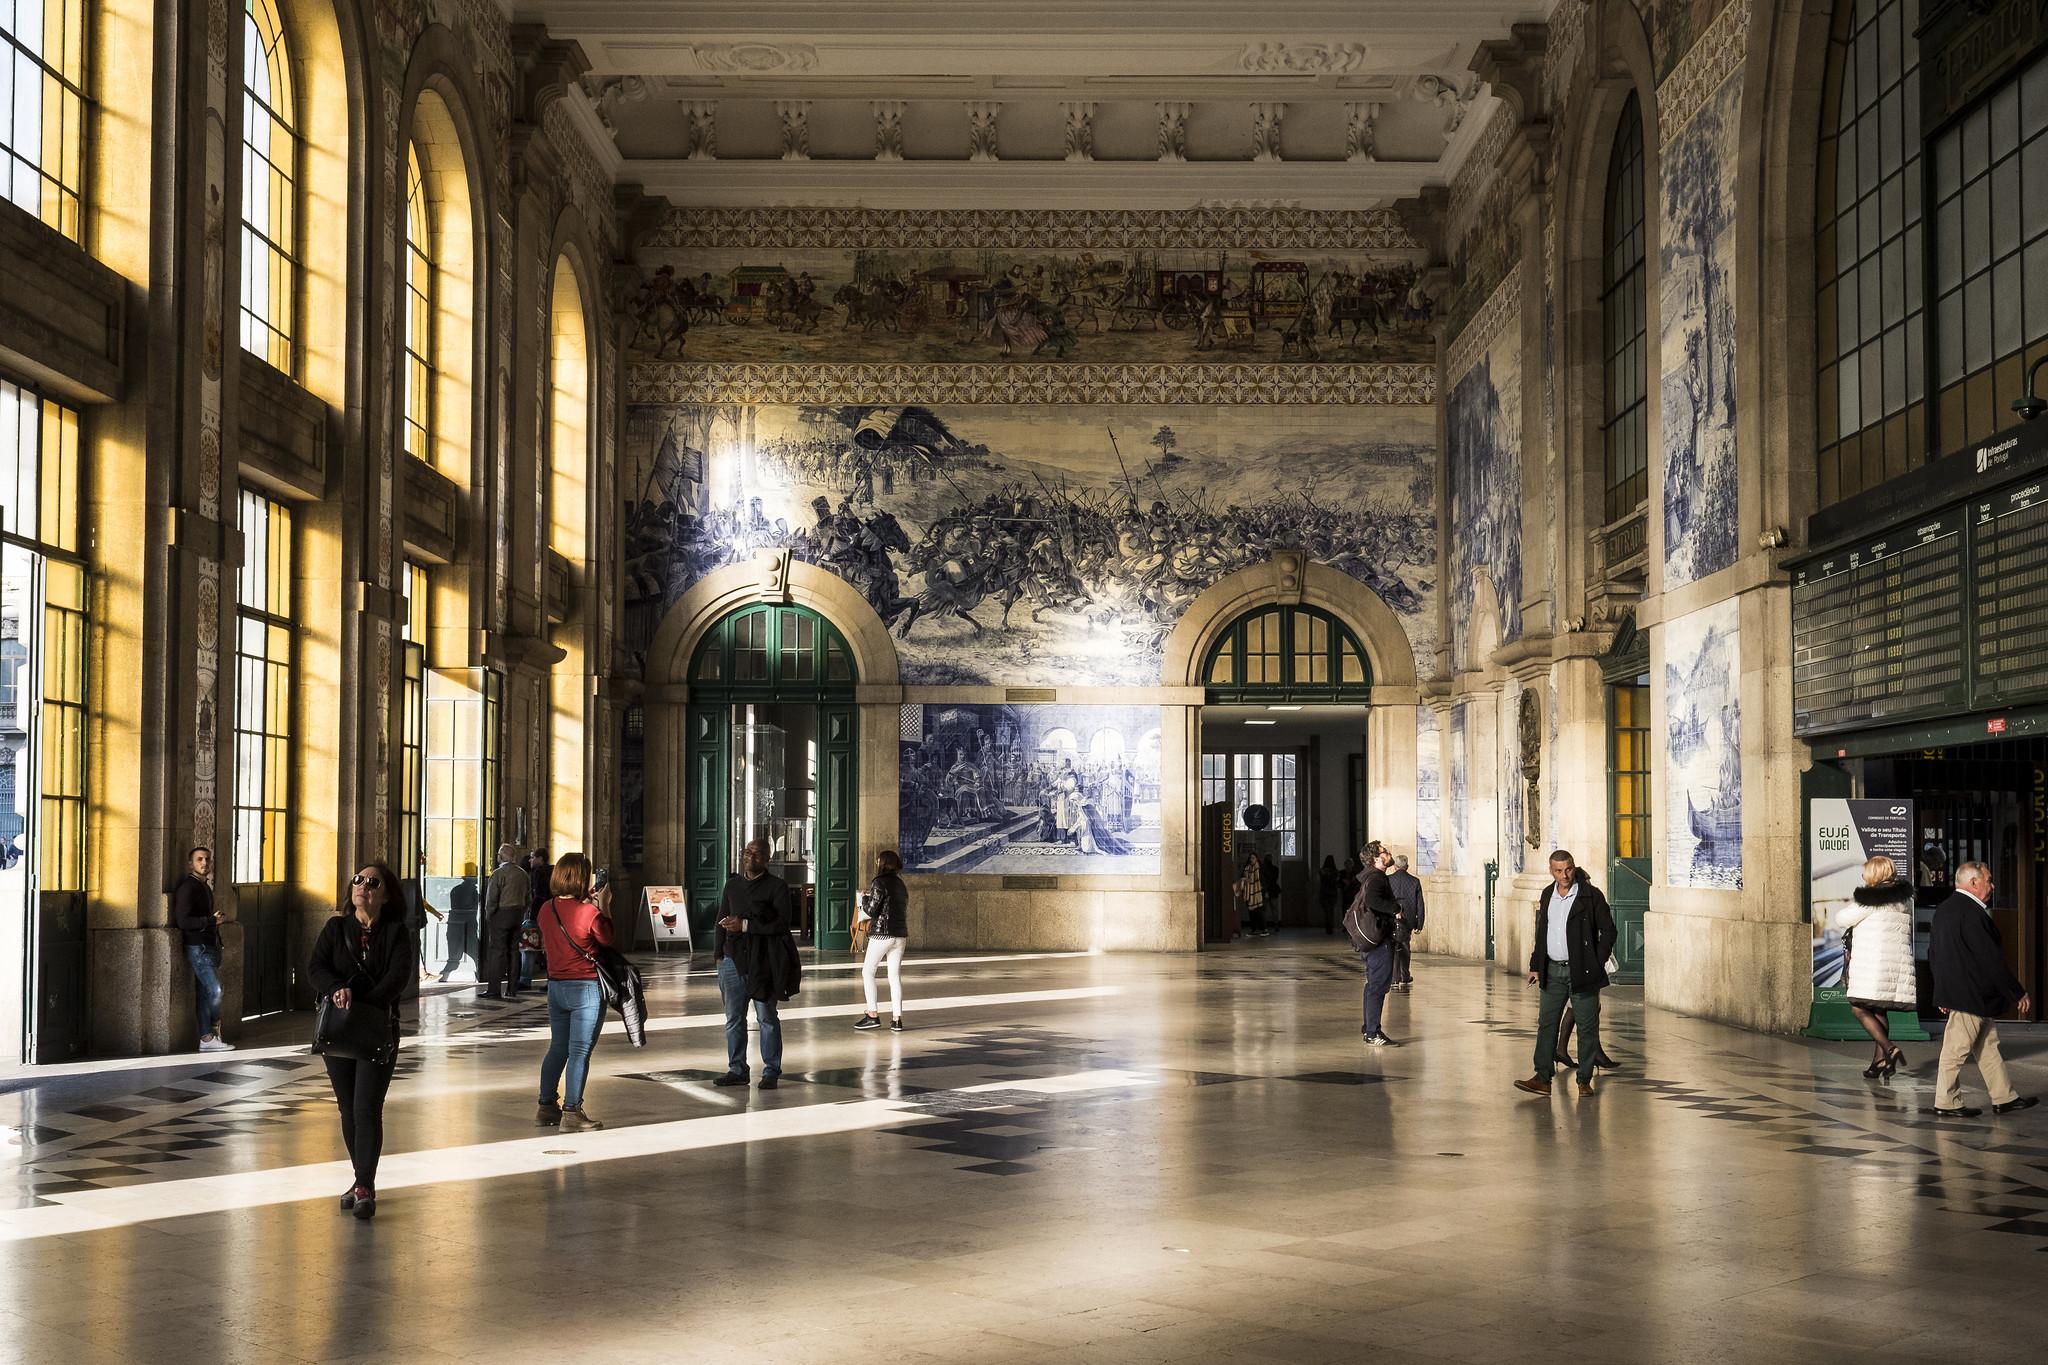 São Bento Railway Station in Porto